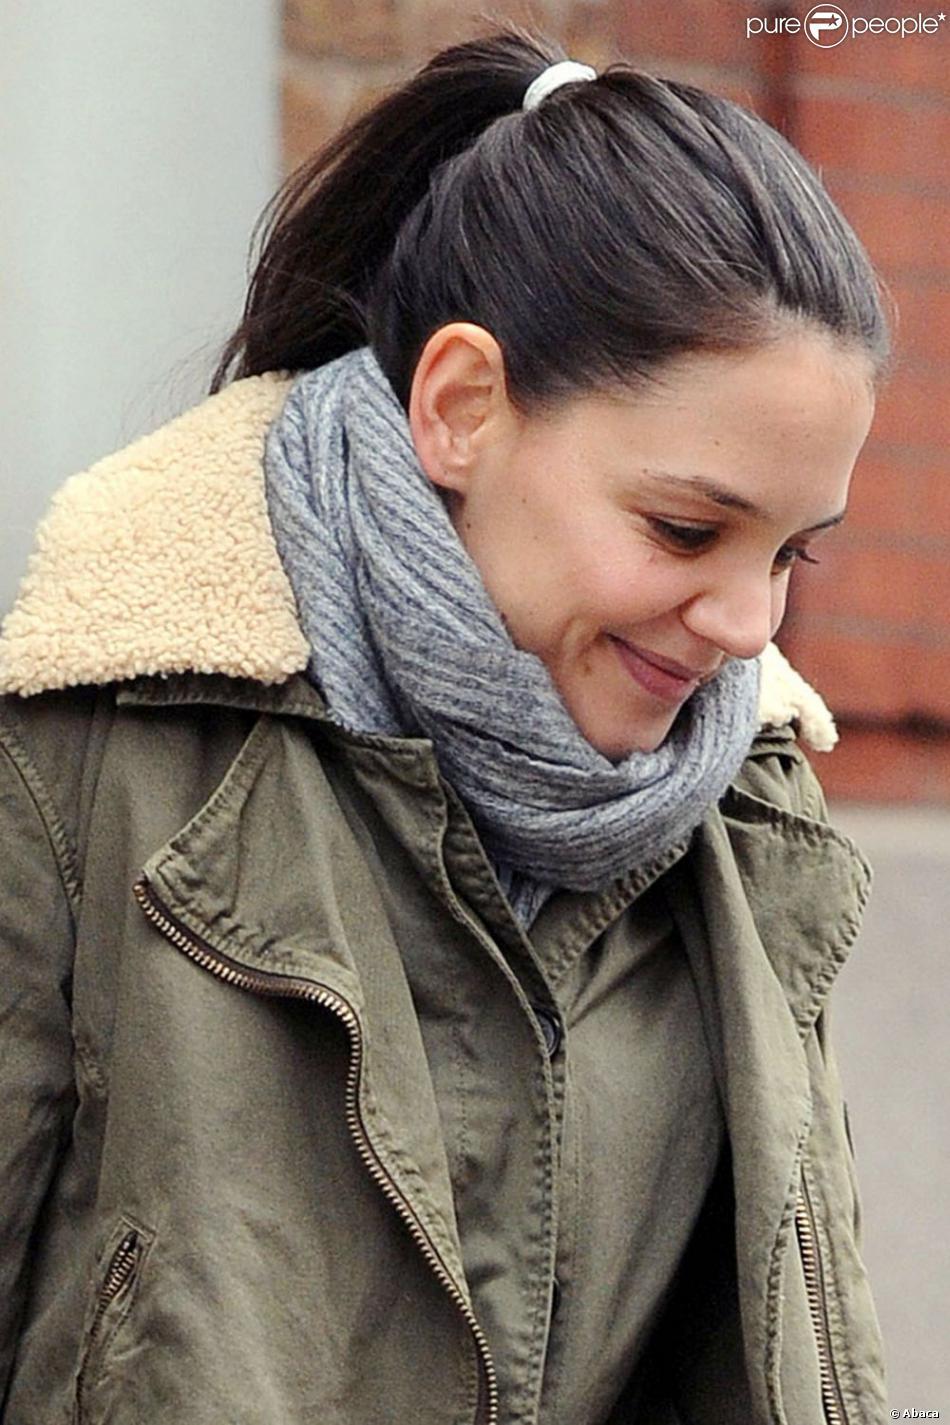 Katie Holmes s'apprête à ouvrir un nouveau chapitre de sa vie en quittant l'agence de son ex-mari CAA. La voici ici en train de quitter le Greenwich Hotel à New York, le 29 janvier 2013.